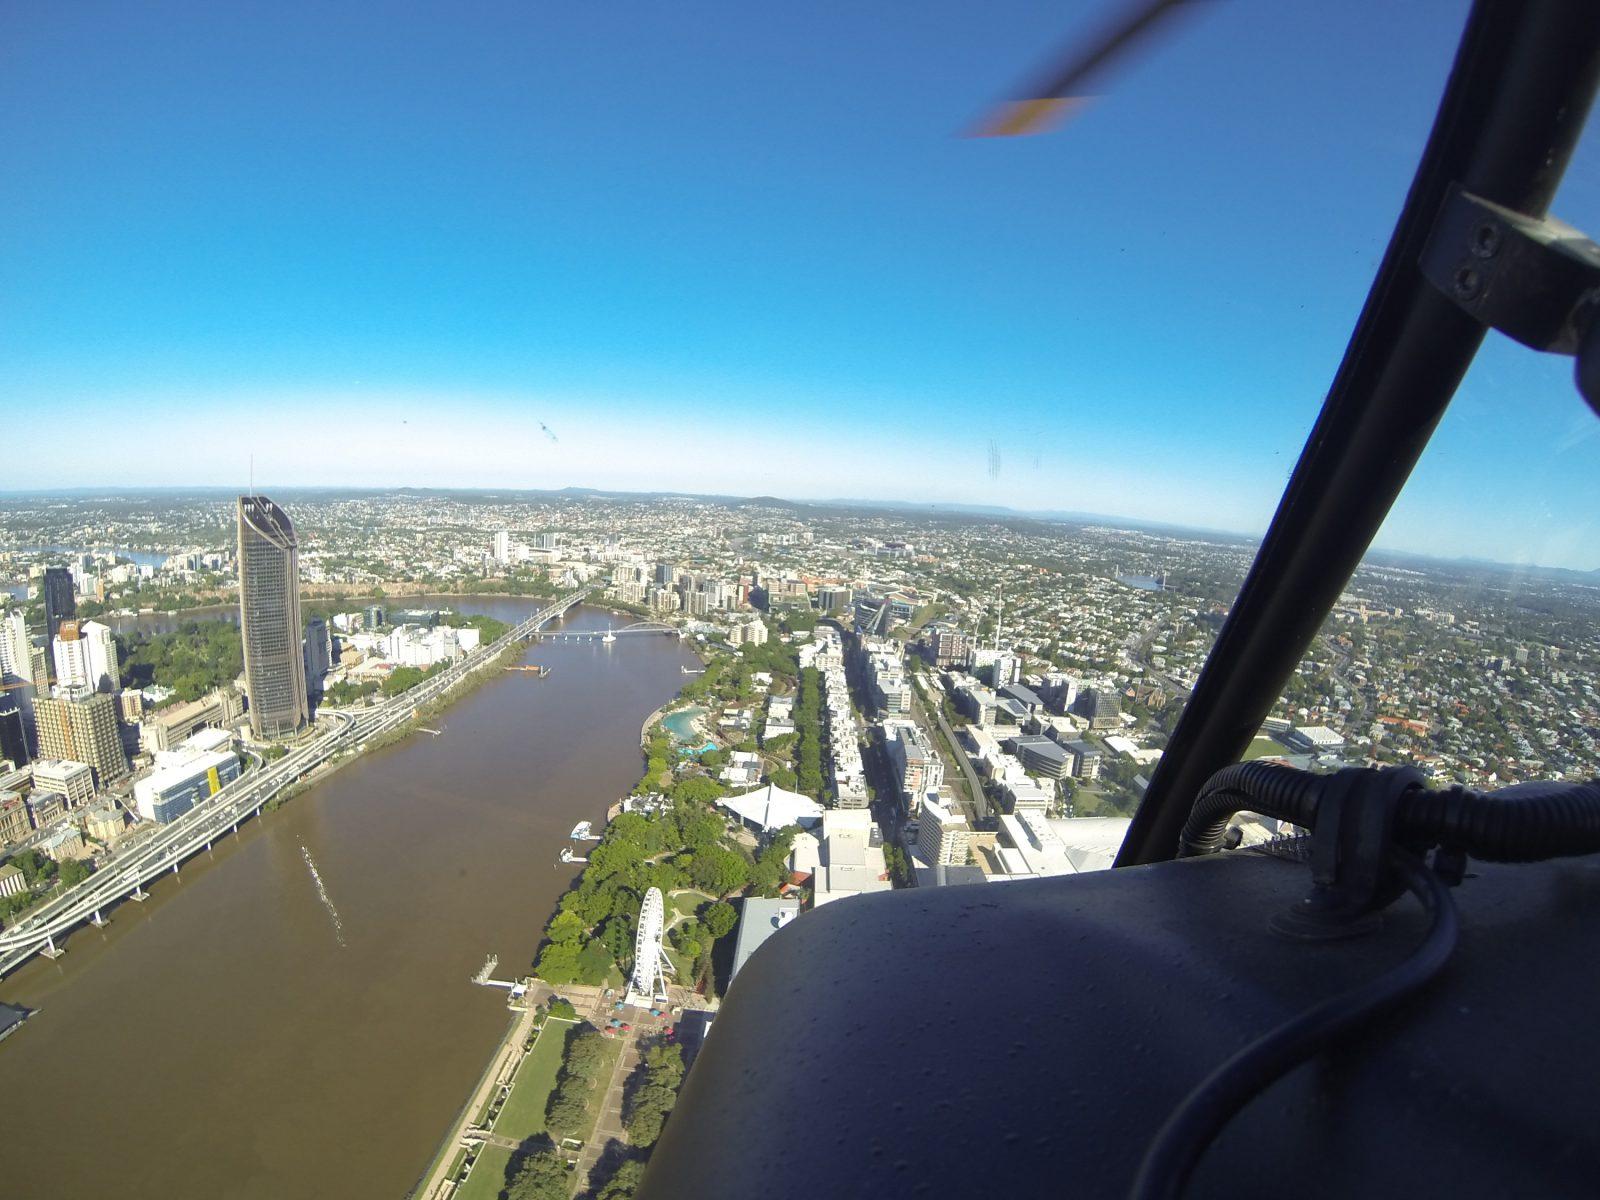 Brisbane Helicopters, Helicopters Brisbane, Brisbane Pub Crawl, Brisbane Wine Tours, Brisbane scenic flights